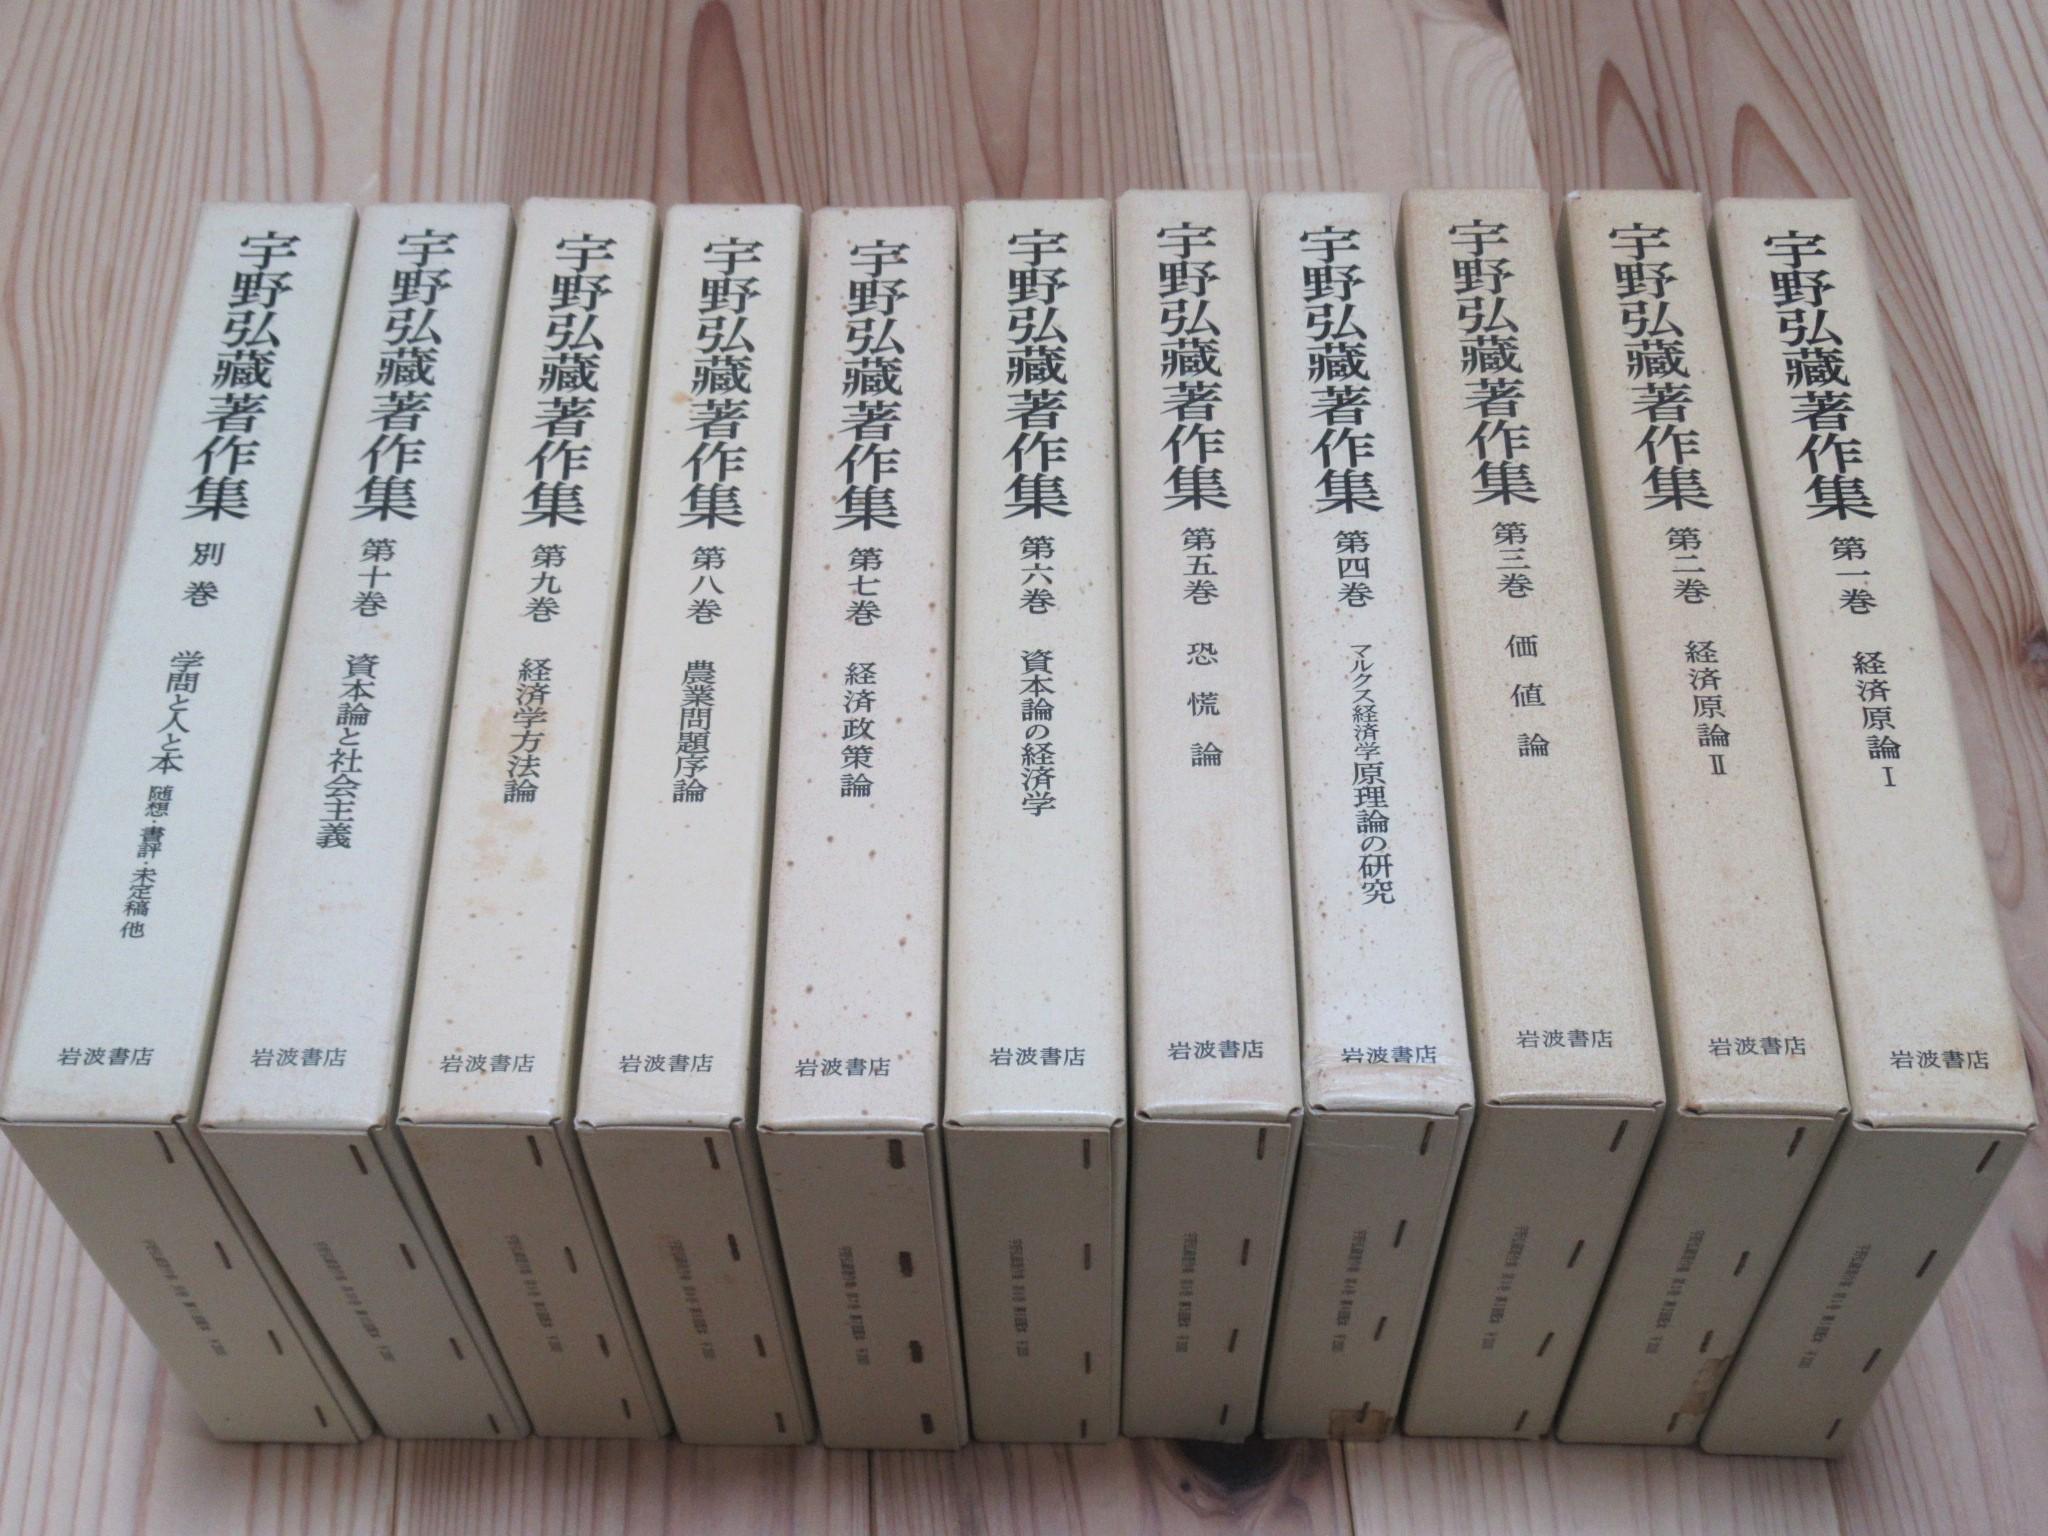 宇野弘蔵著作集 第1巻~第10巻・別巻(全11冊)月報付き